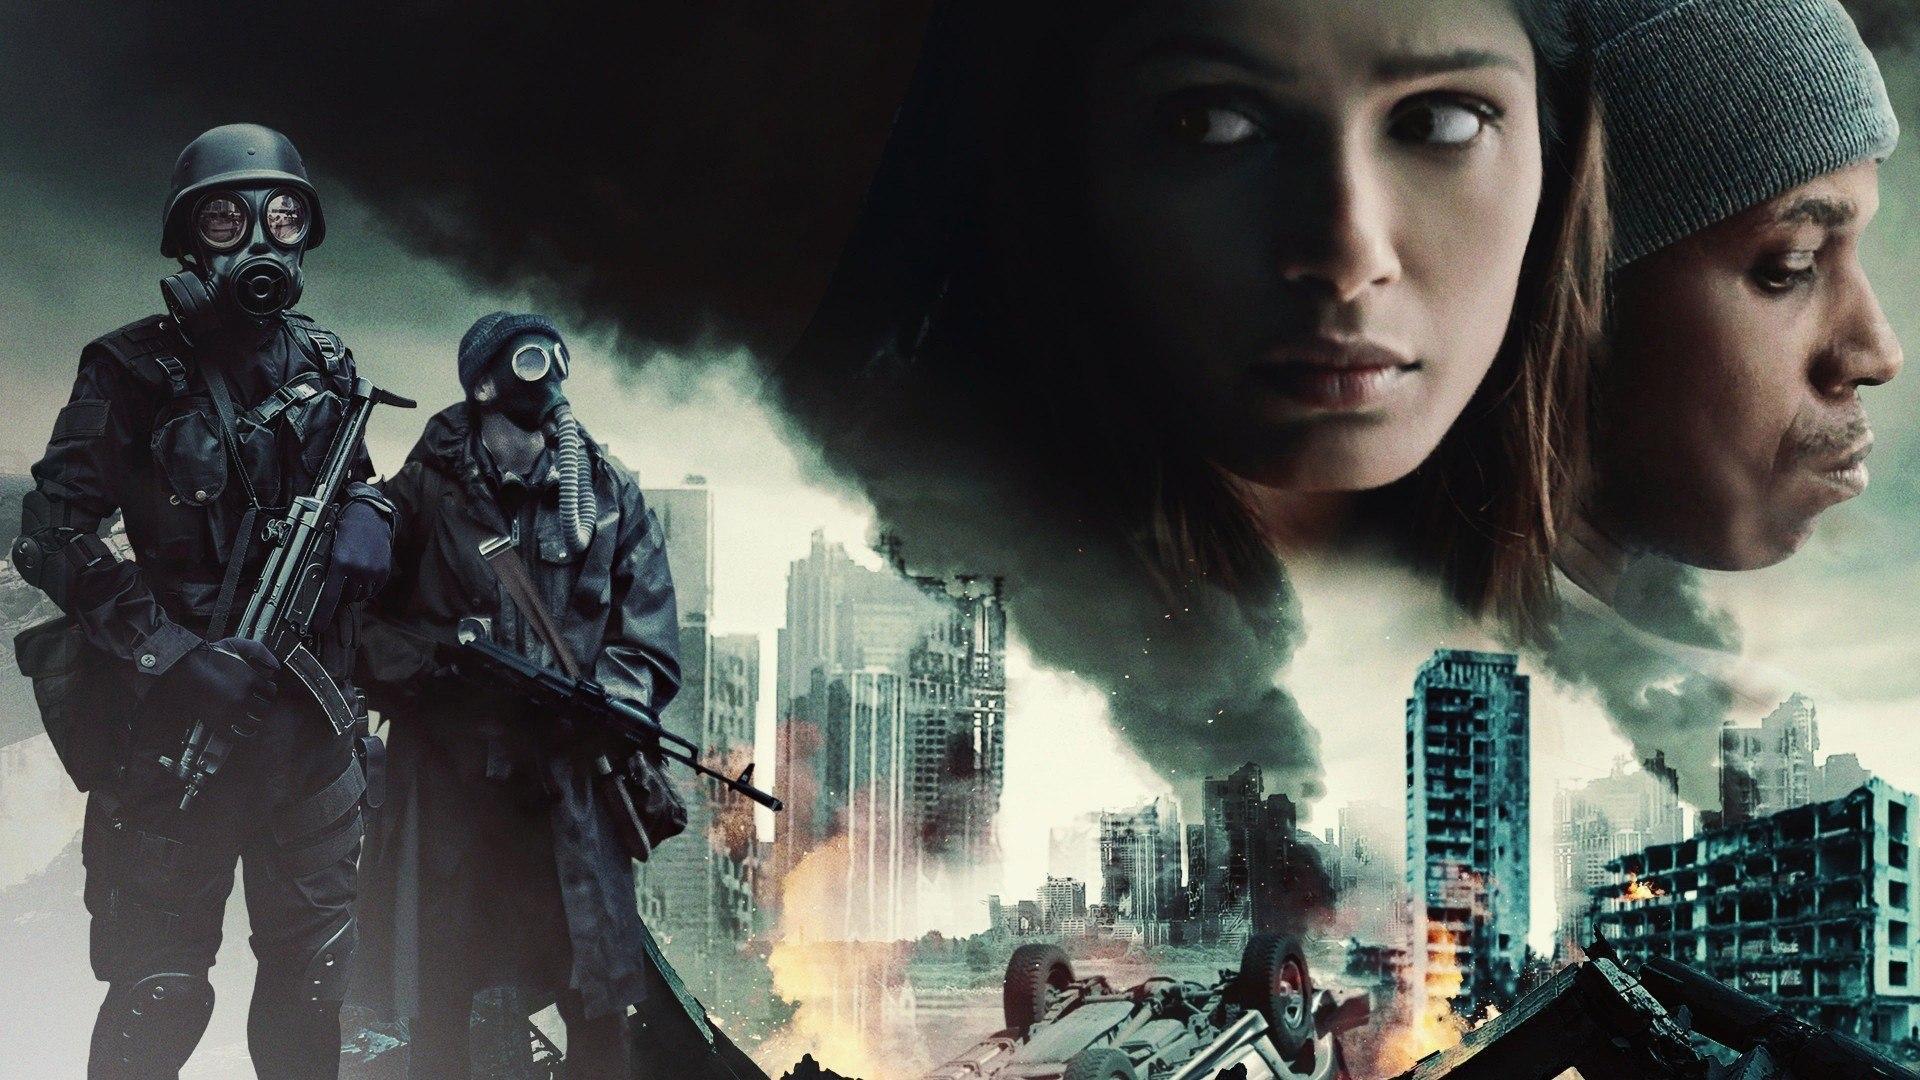 Martedi 19 Gennaio 2021 Sky e Premium Cinema, Only - Minaccia letale